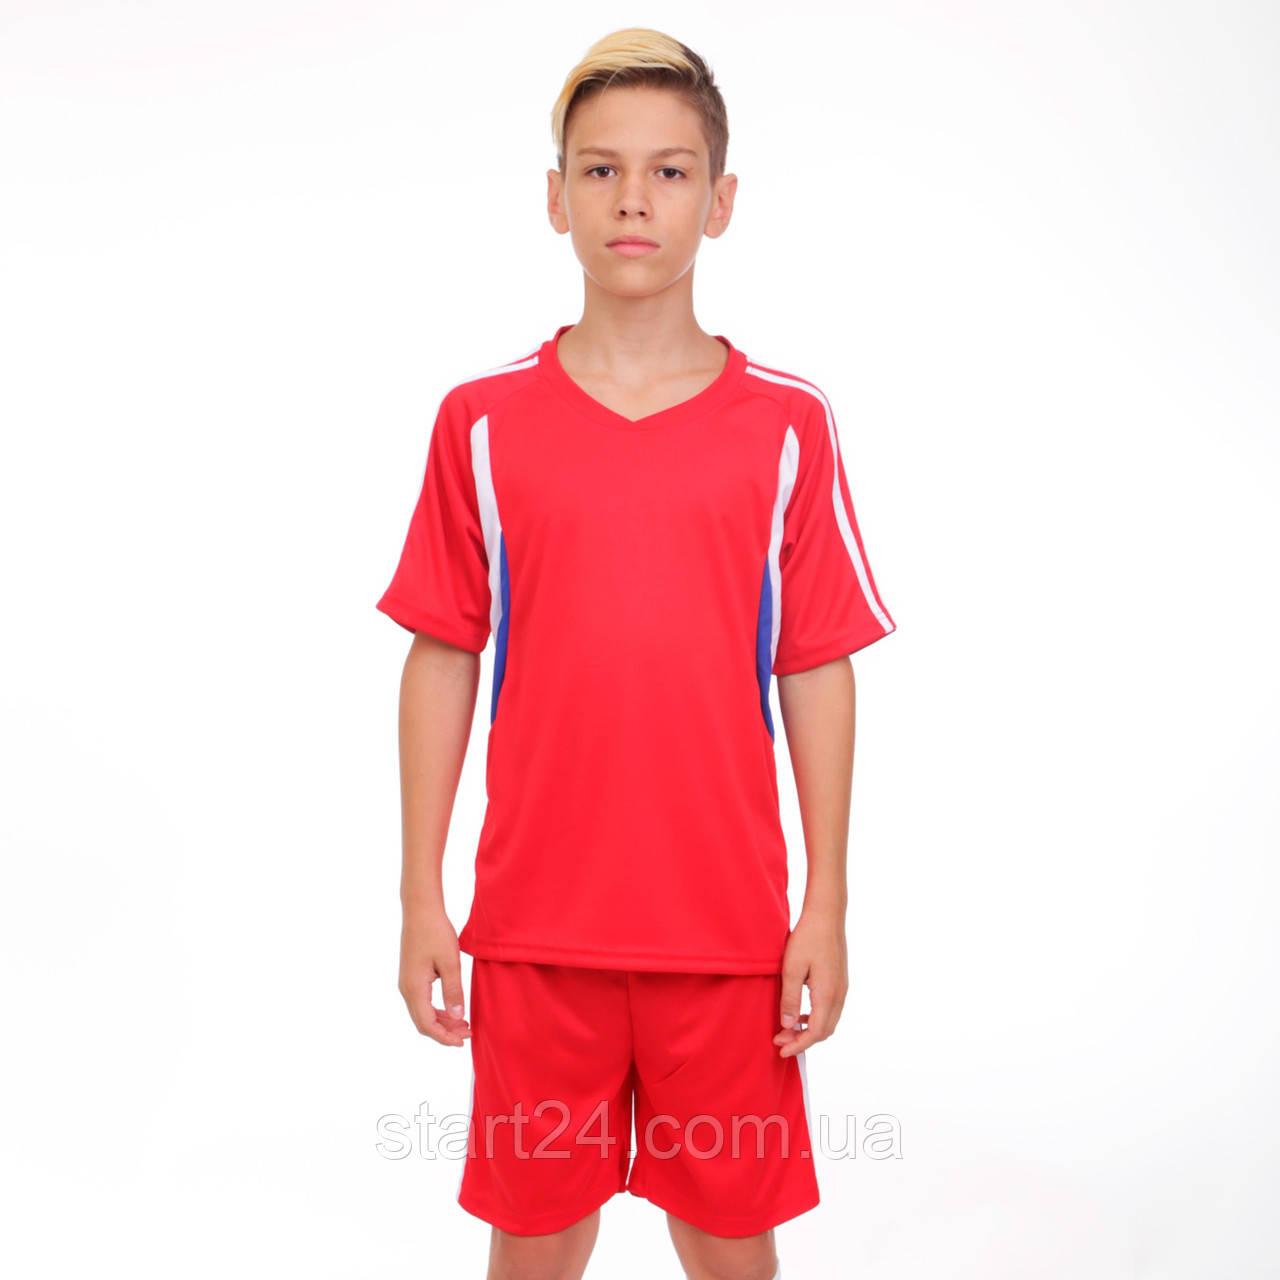 Футбольная форма подростковая Line CO-4587-R (PL, р-р М-XL, красный, шорты красн)